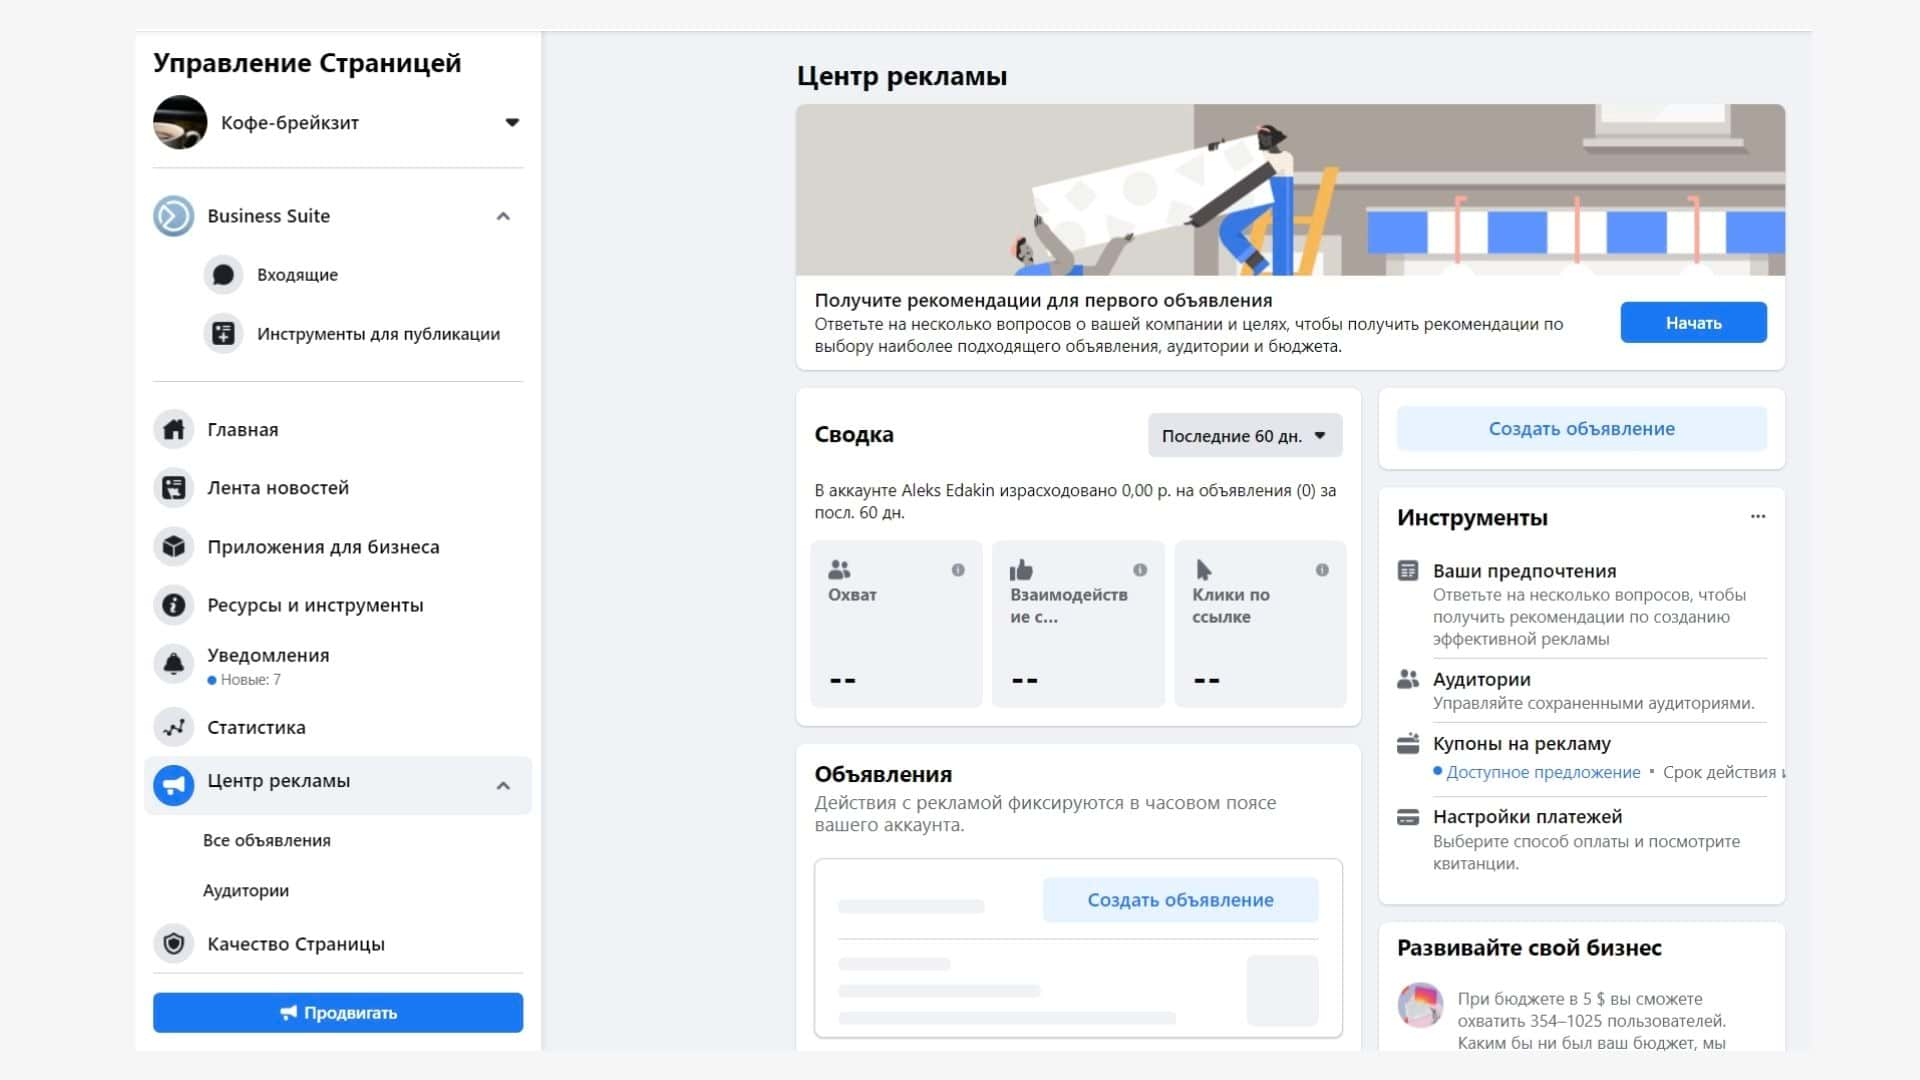 Как быстро запустить рекламу в Фейсбуке